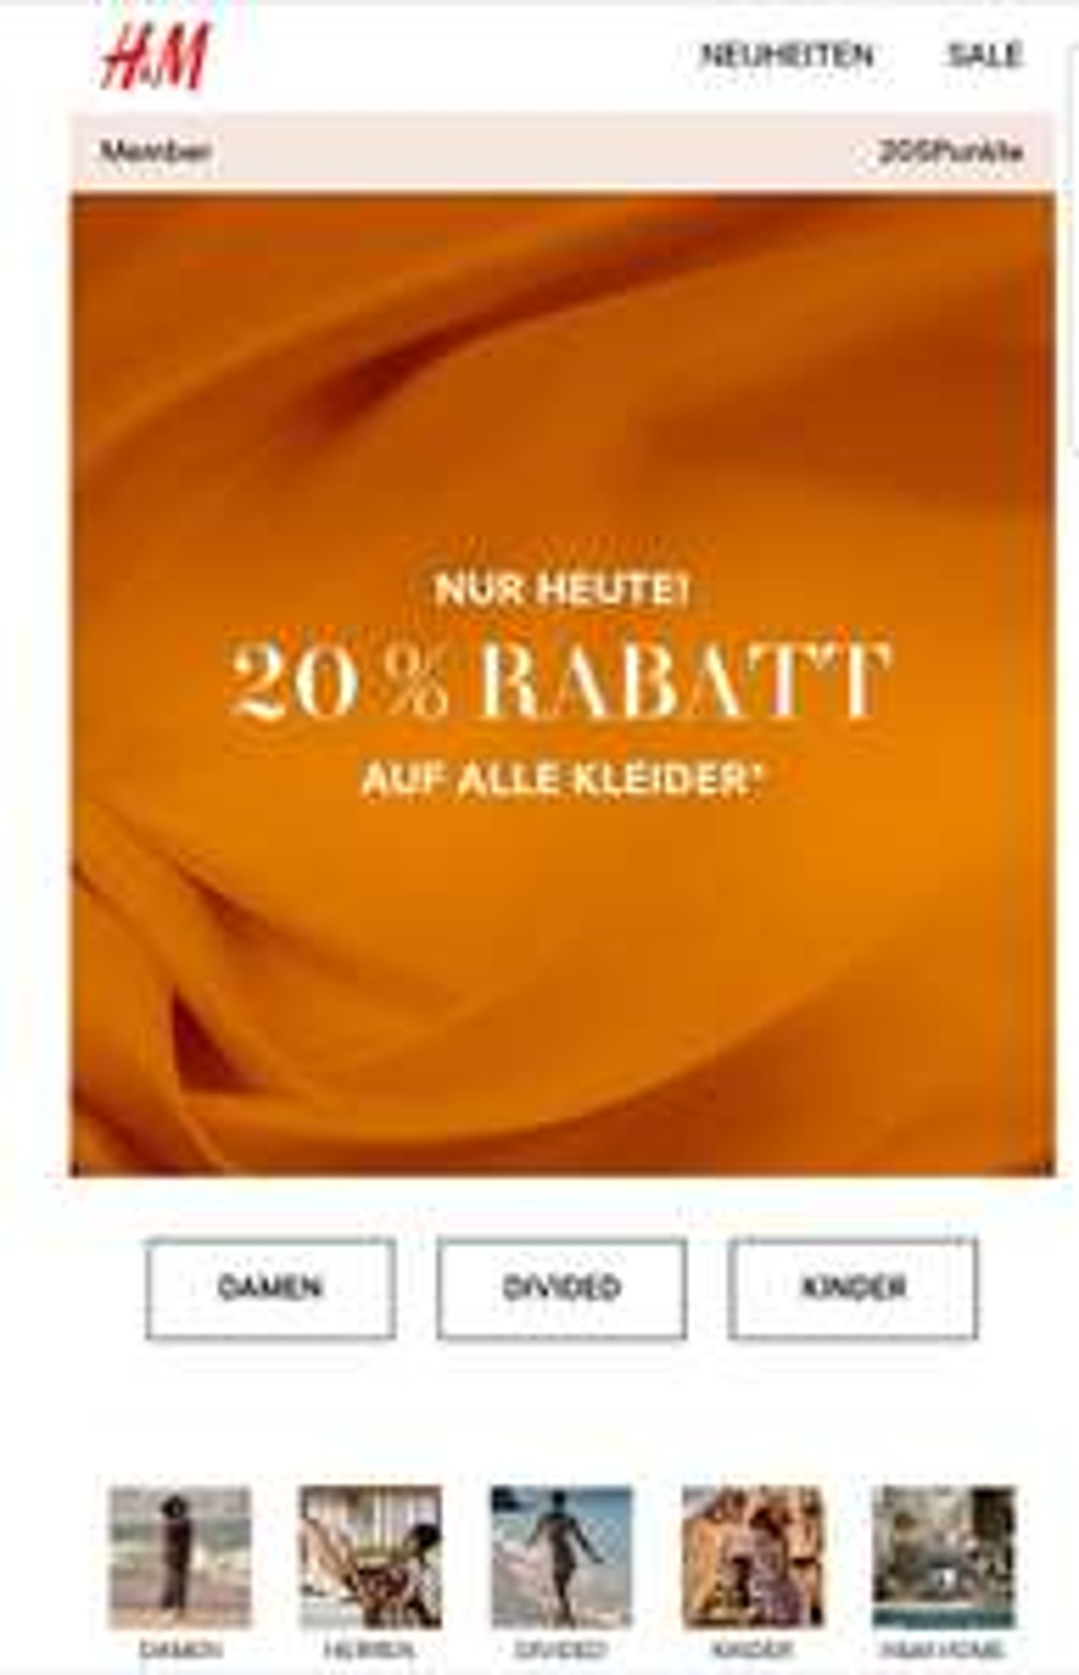 [H&M online] 20% auf Kleider